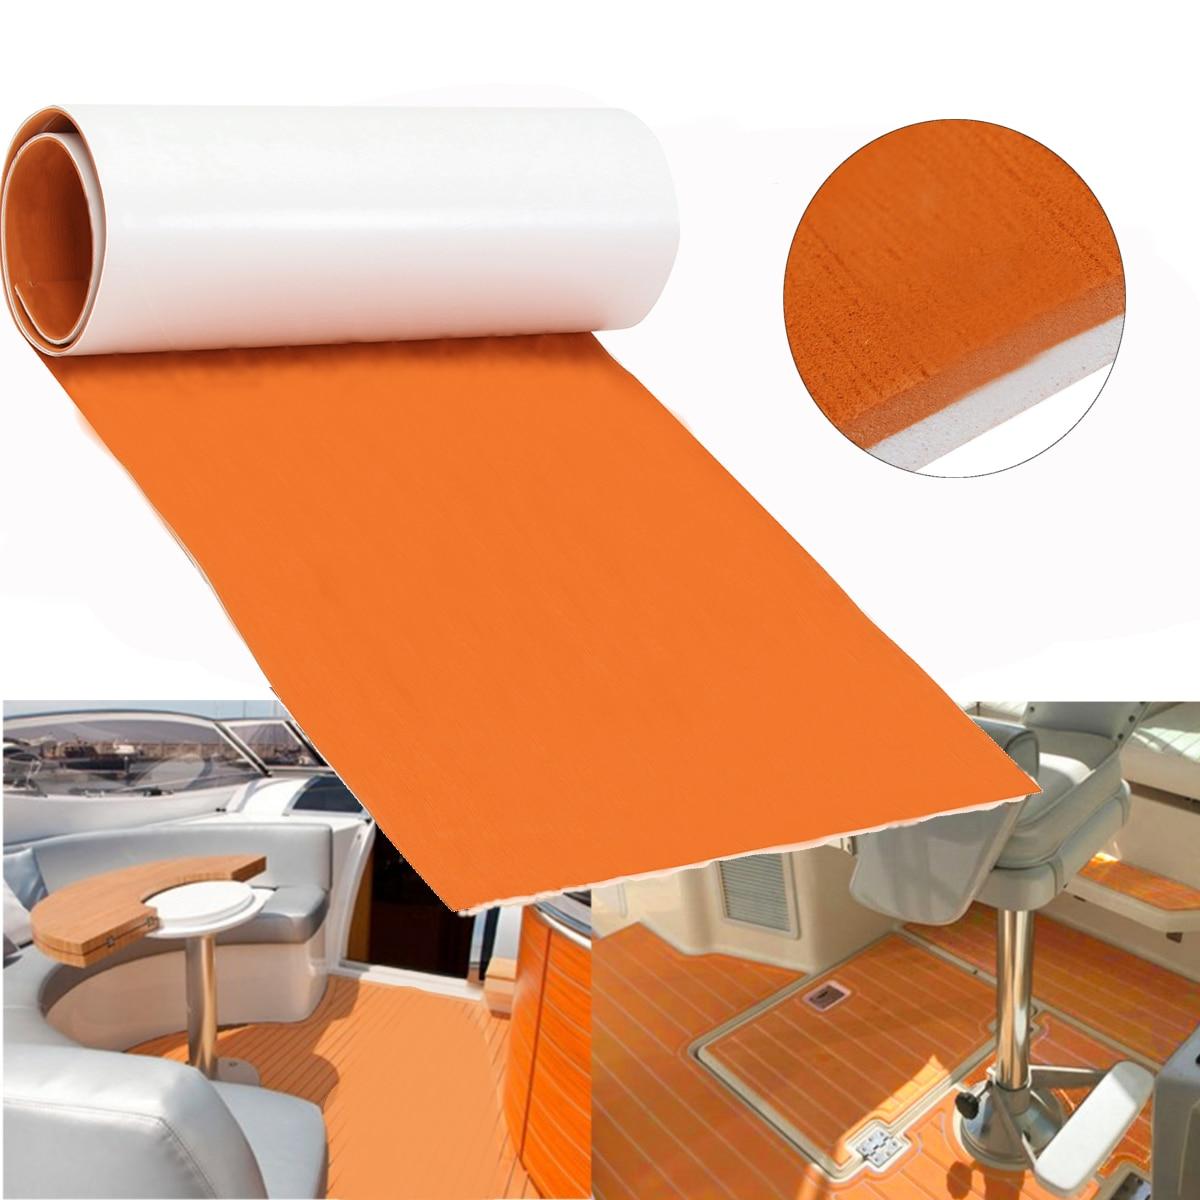 60 cm x 200 cm 6mm Auto-Adhésif DIY EVA Mousse teck Marine Plancher Bateau Platelage Teck Feuille Yacht tapis de sol Tapis de Sol En Mousse Orange